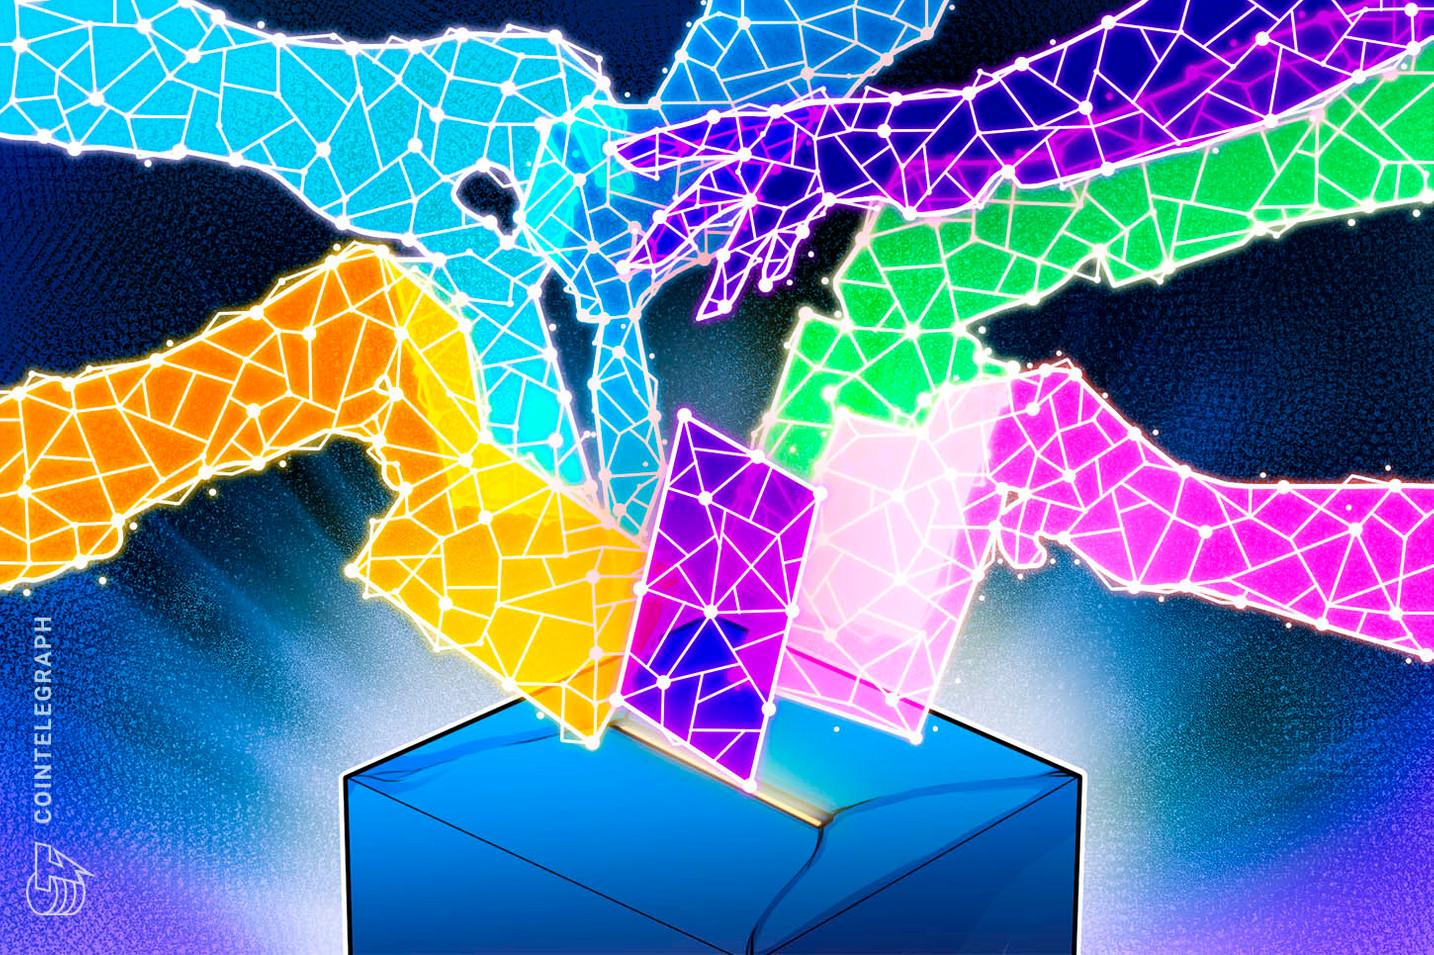 モスクワ市議会 電子投票でブロックチェーン技術の使用を計画